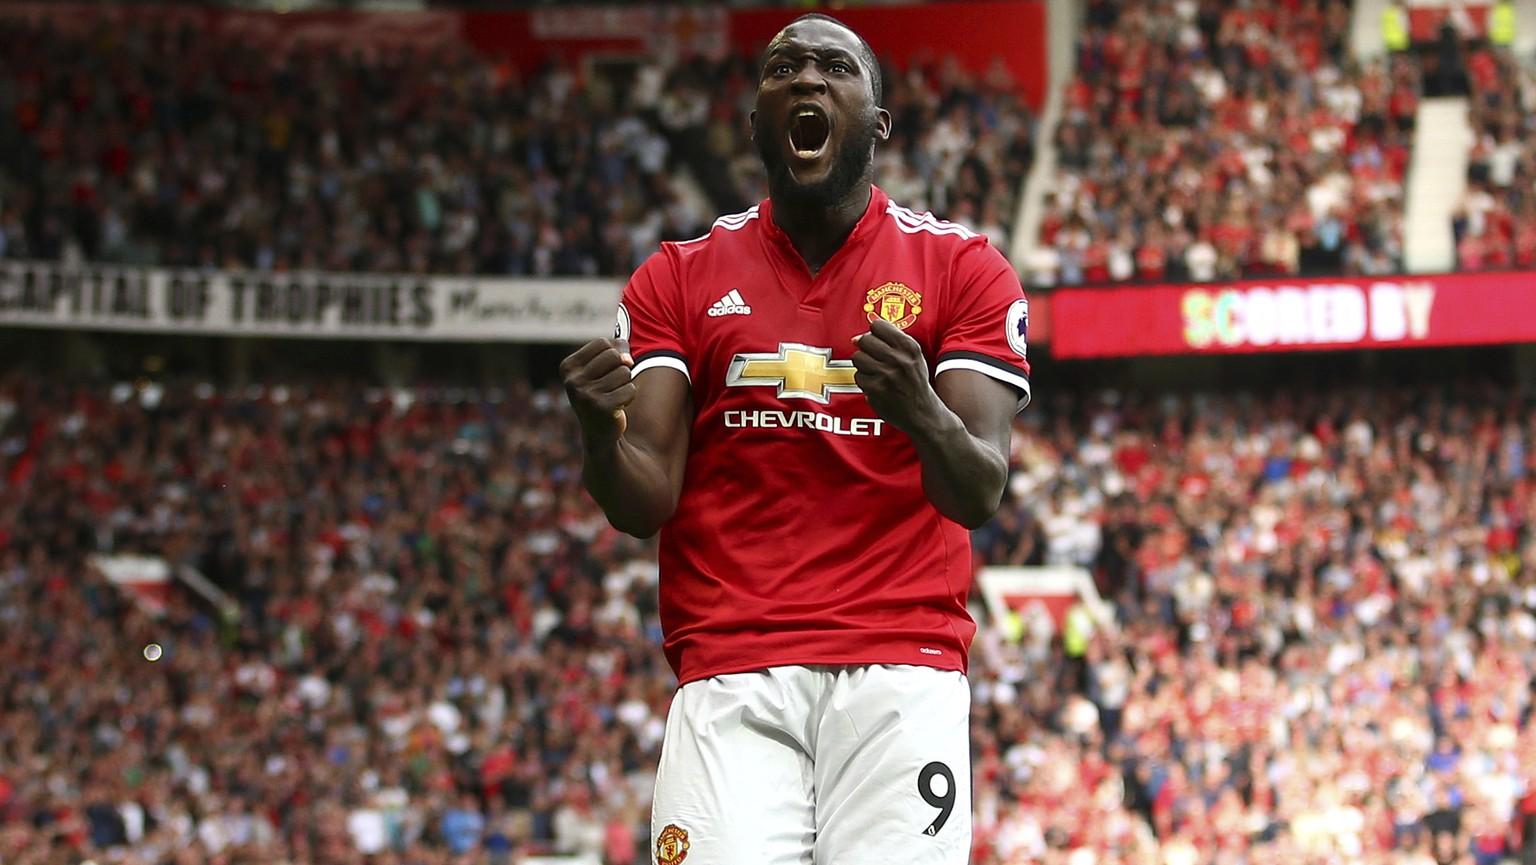 Manchester United schlägt West Ham 4:0